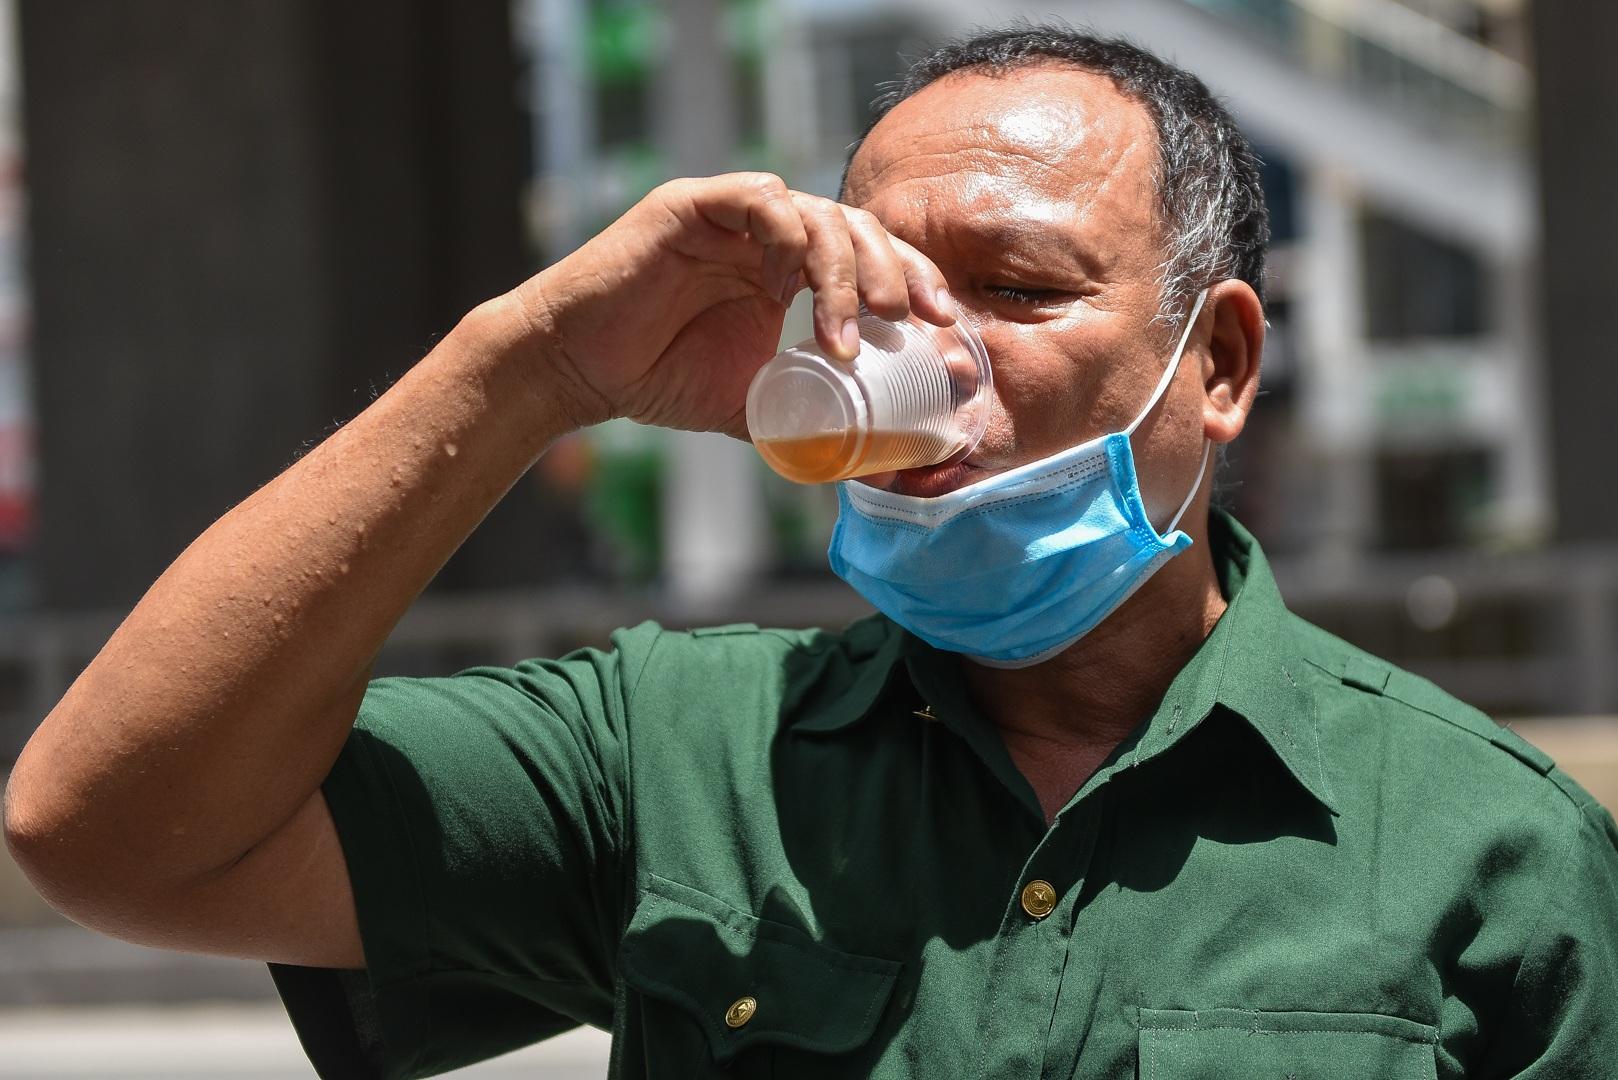 Hà Nội: Mát lòng trà chanh đá miễn phí giữa ngày nắng đỉnh điểm - 18